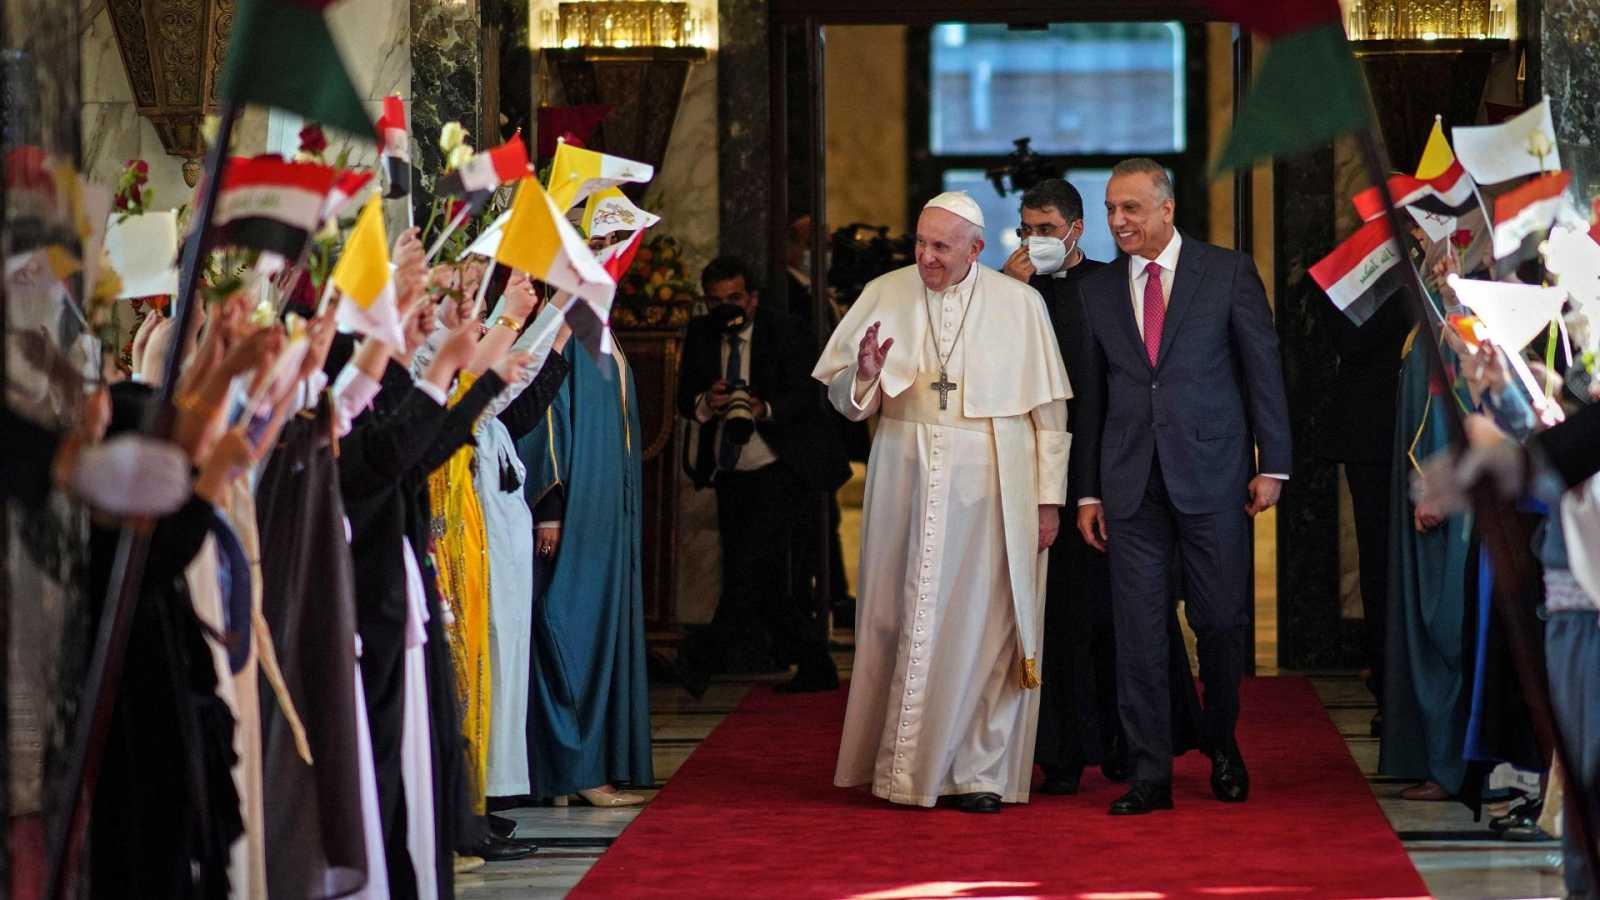 El papa Francisco inicia su visita histórica a Irak